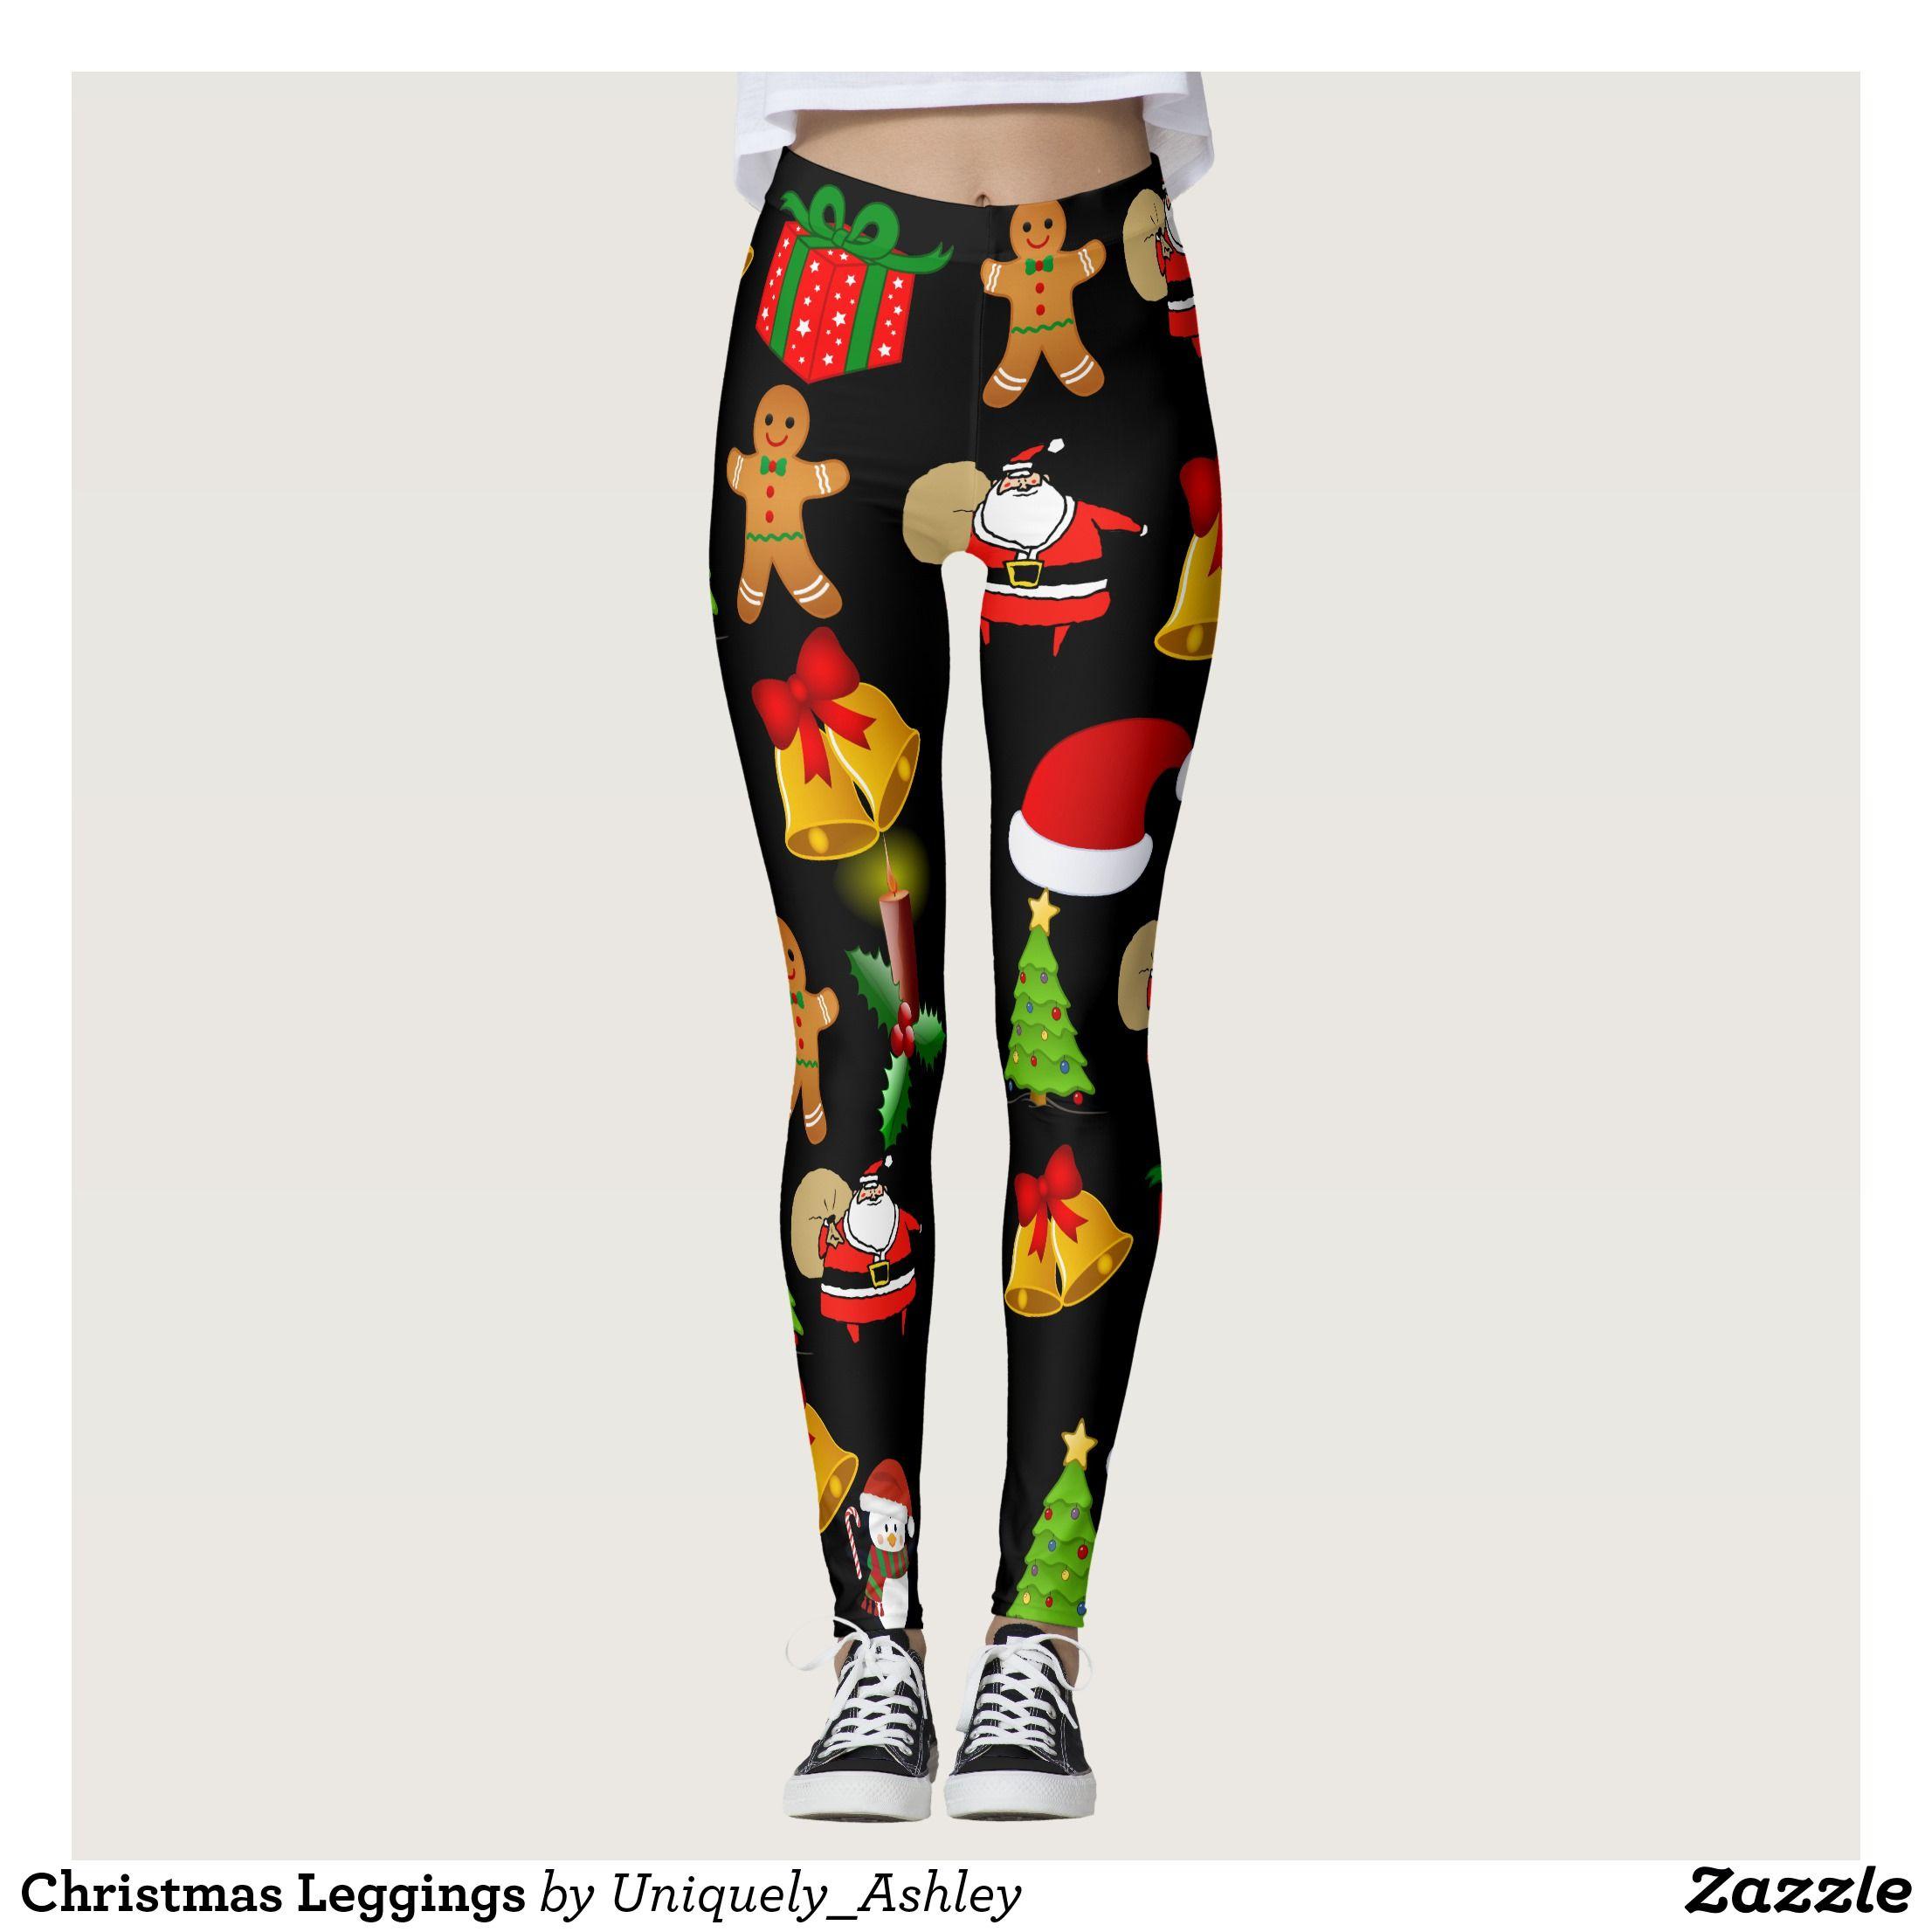 Christmas Running Leggings.Christmas Leggings Zazzle Com In 2019 Christmas Leggings